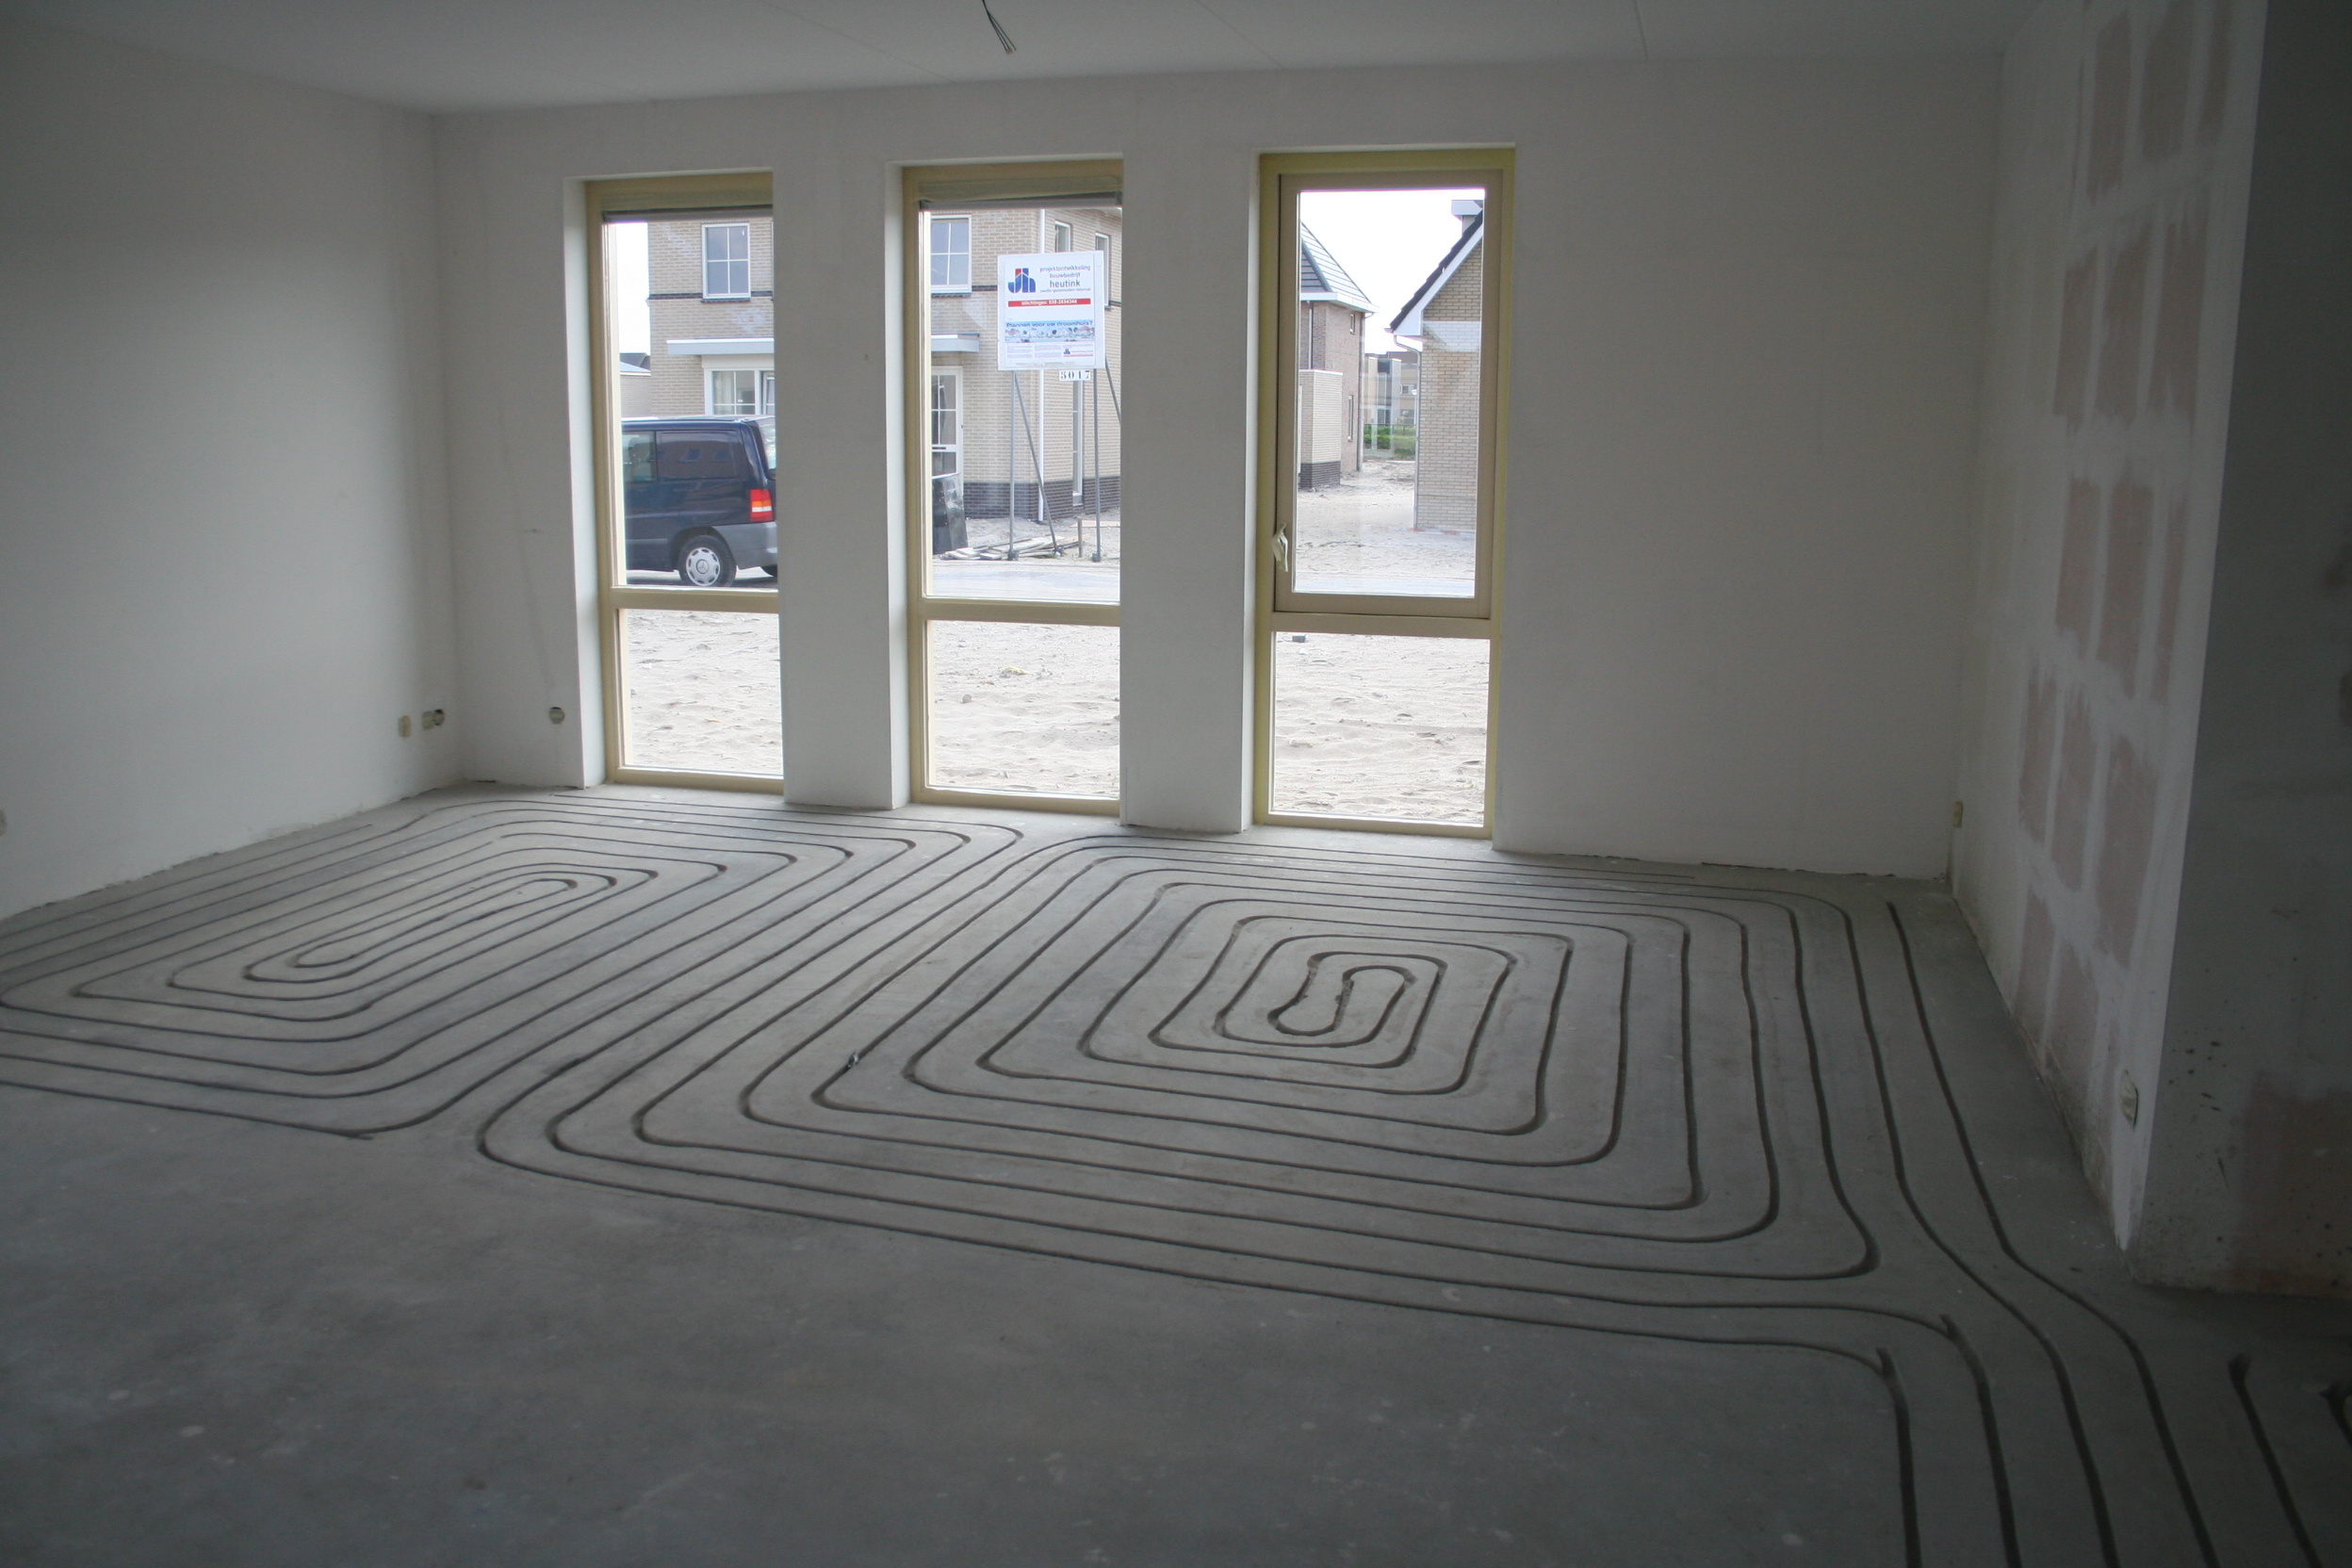 Vloerverwarming emmeloord.nl - Vloerverwarming-Emmeloord-6